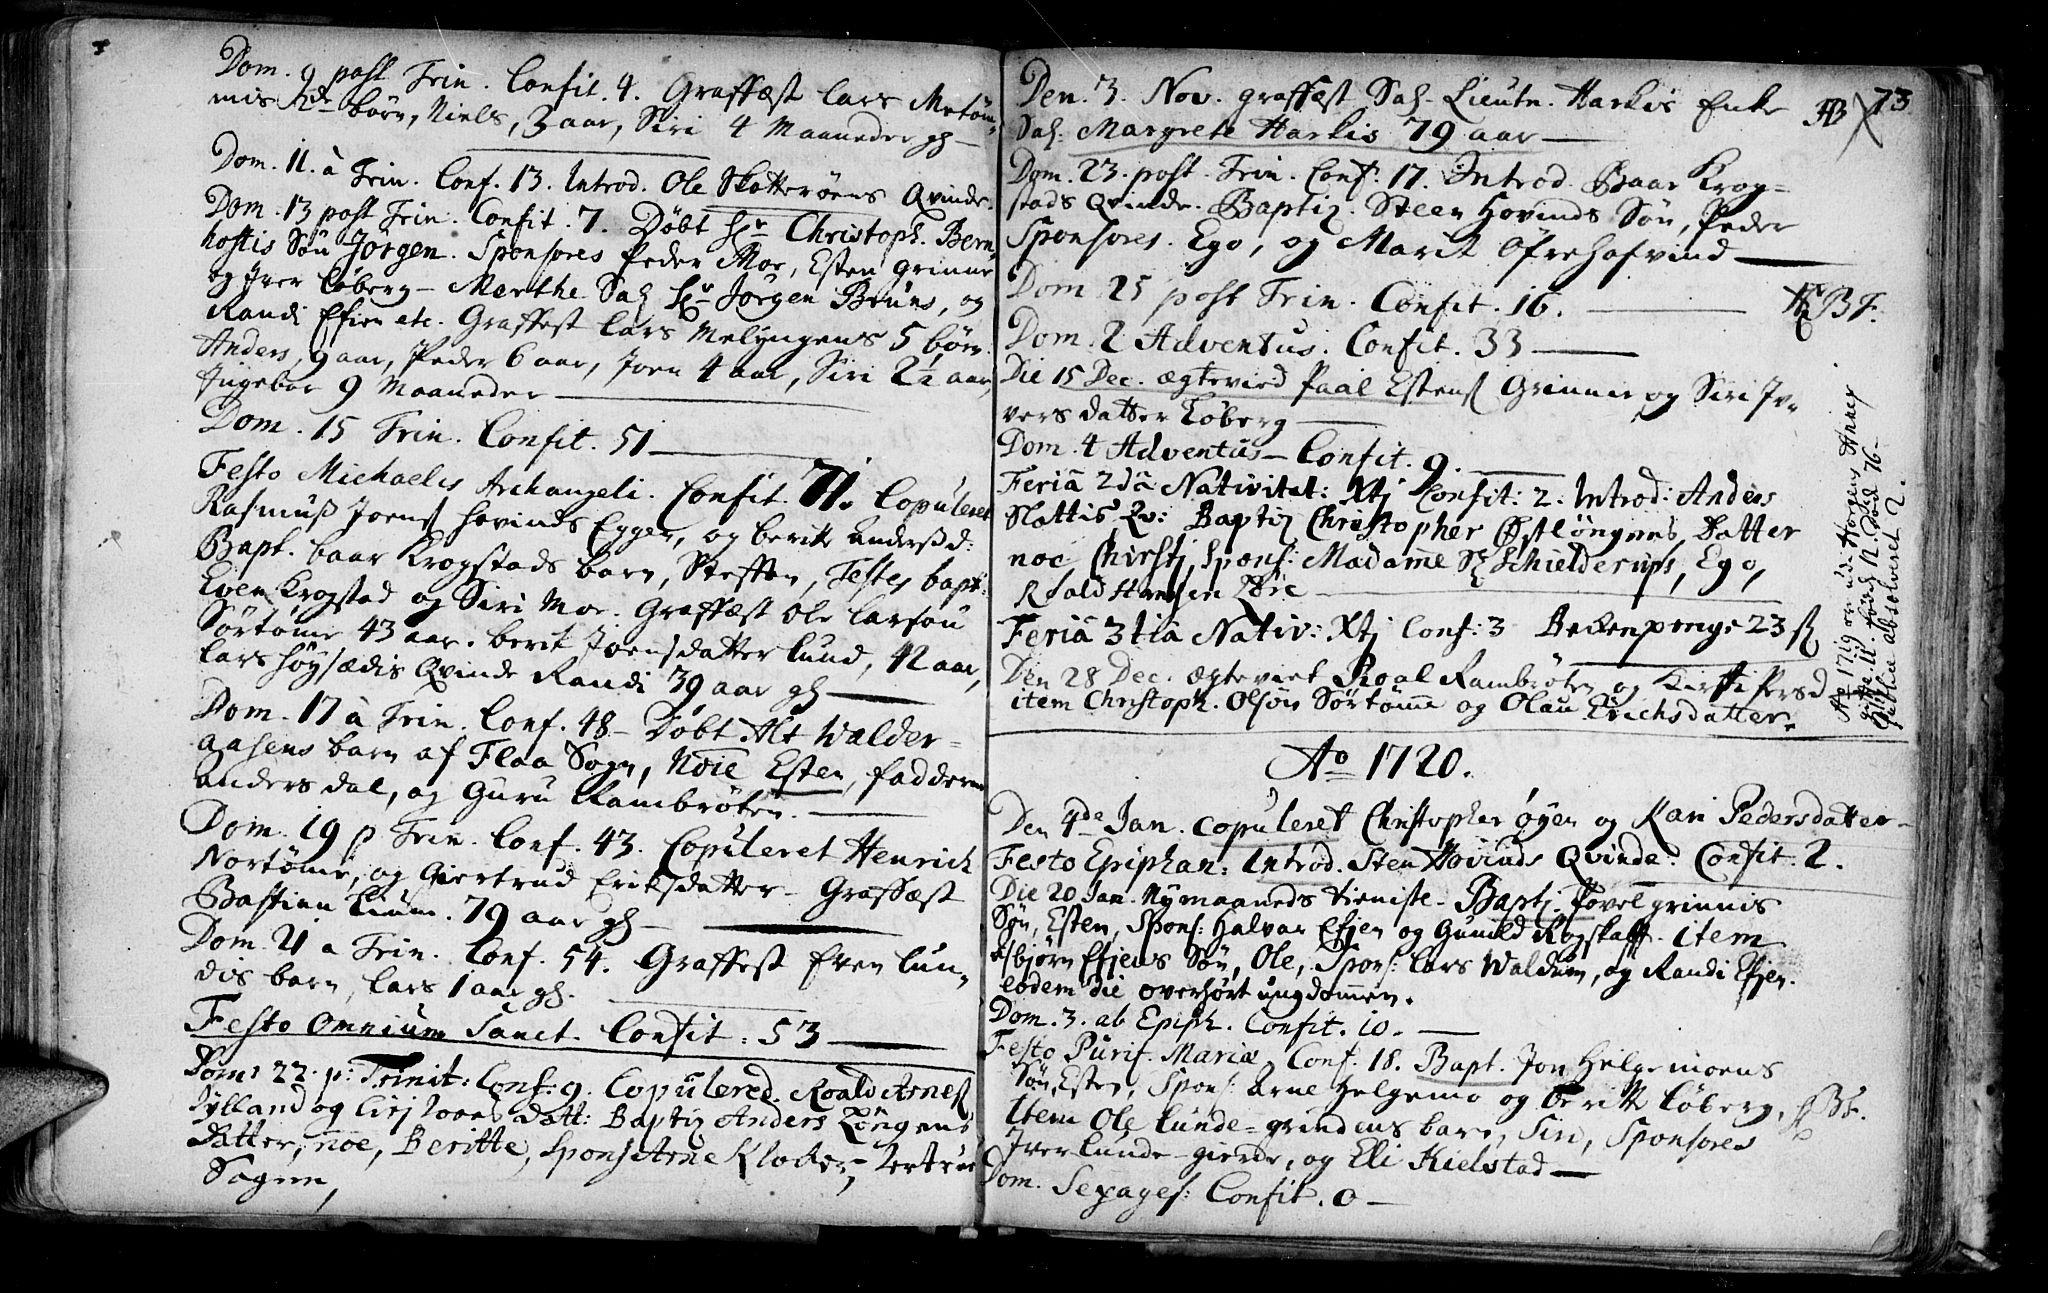 SAT, Ministerialprotokoller, klokkerbøker og fødselsregistre - Sør-Trøndelag, 692/L1101: Ministerialbok nr. 692A01, 1690-1746, s. 73